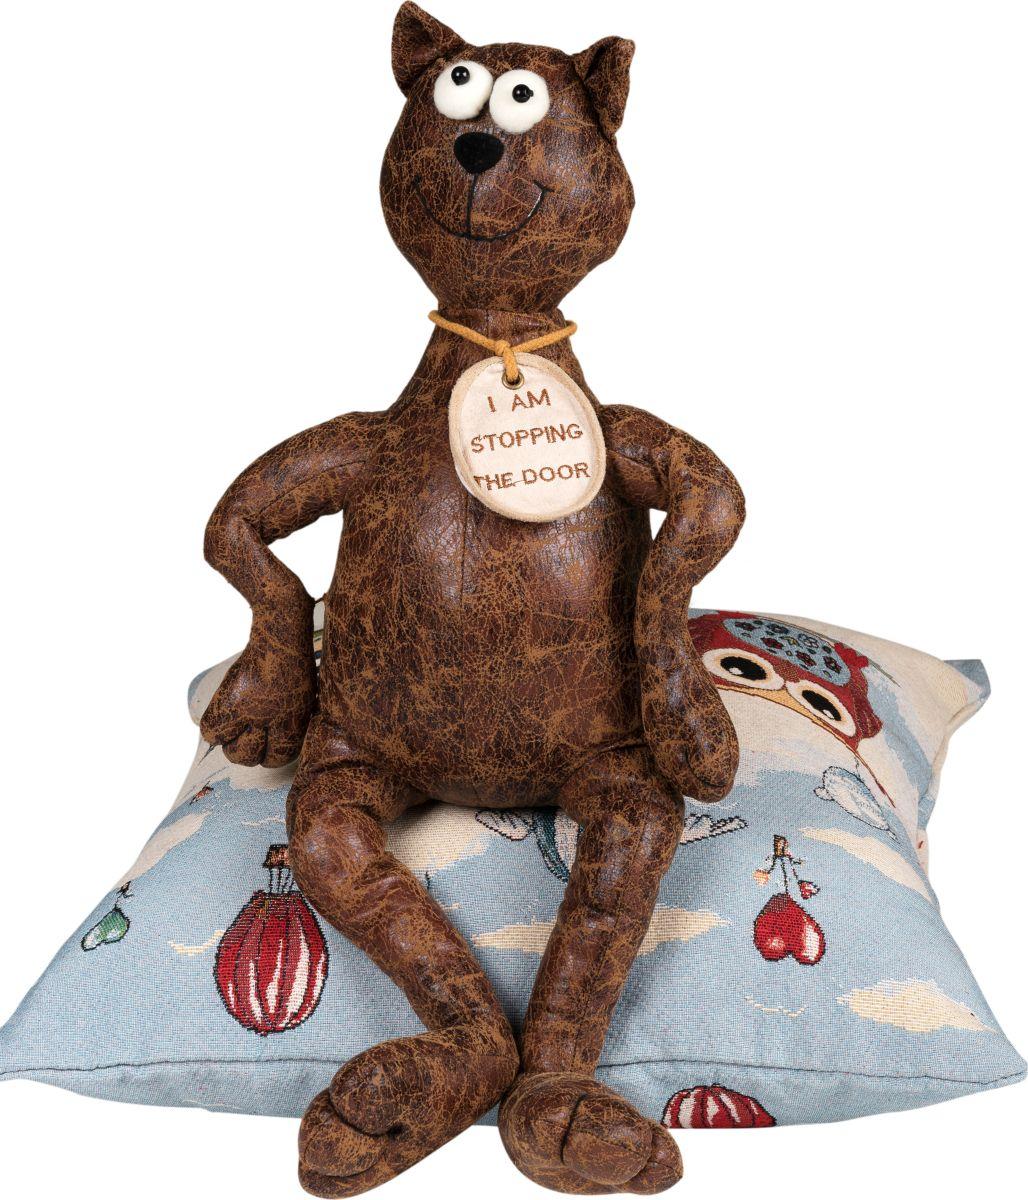 Фигурка-стоппер интерьерная Estro КотТ12248ВИнтерьерная игрушка ESTRO ручной работы - это тепло, подаренное мастером. Кот интерьерный стоппер.